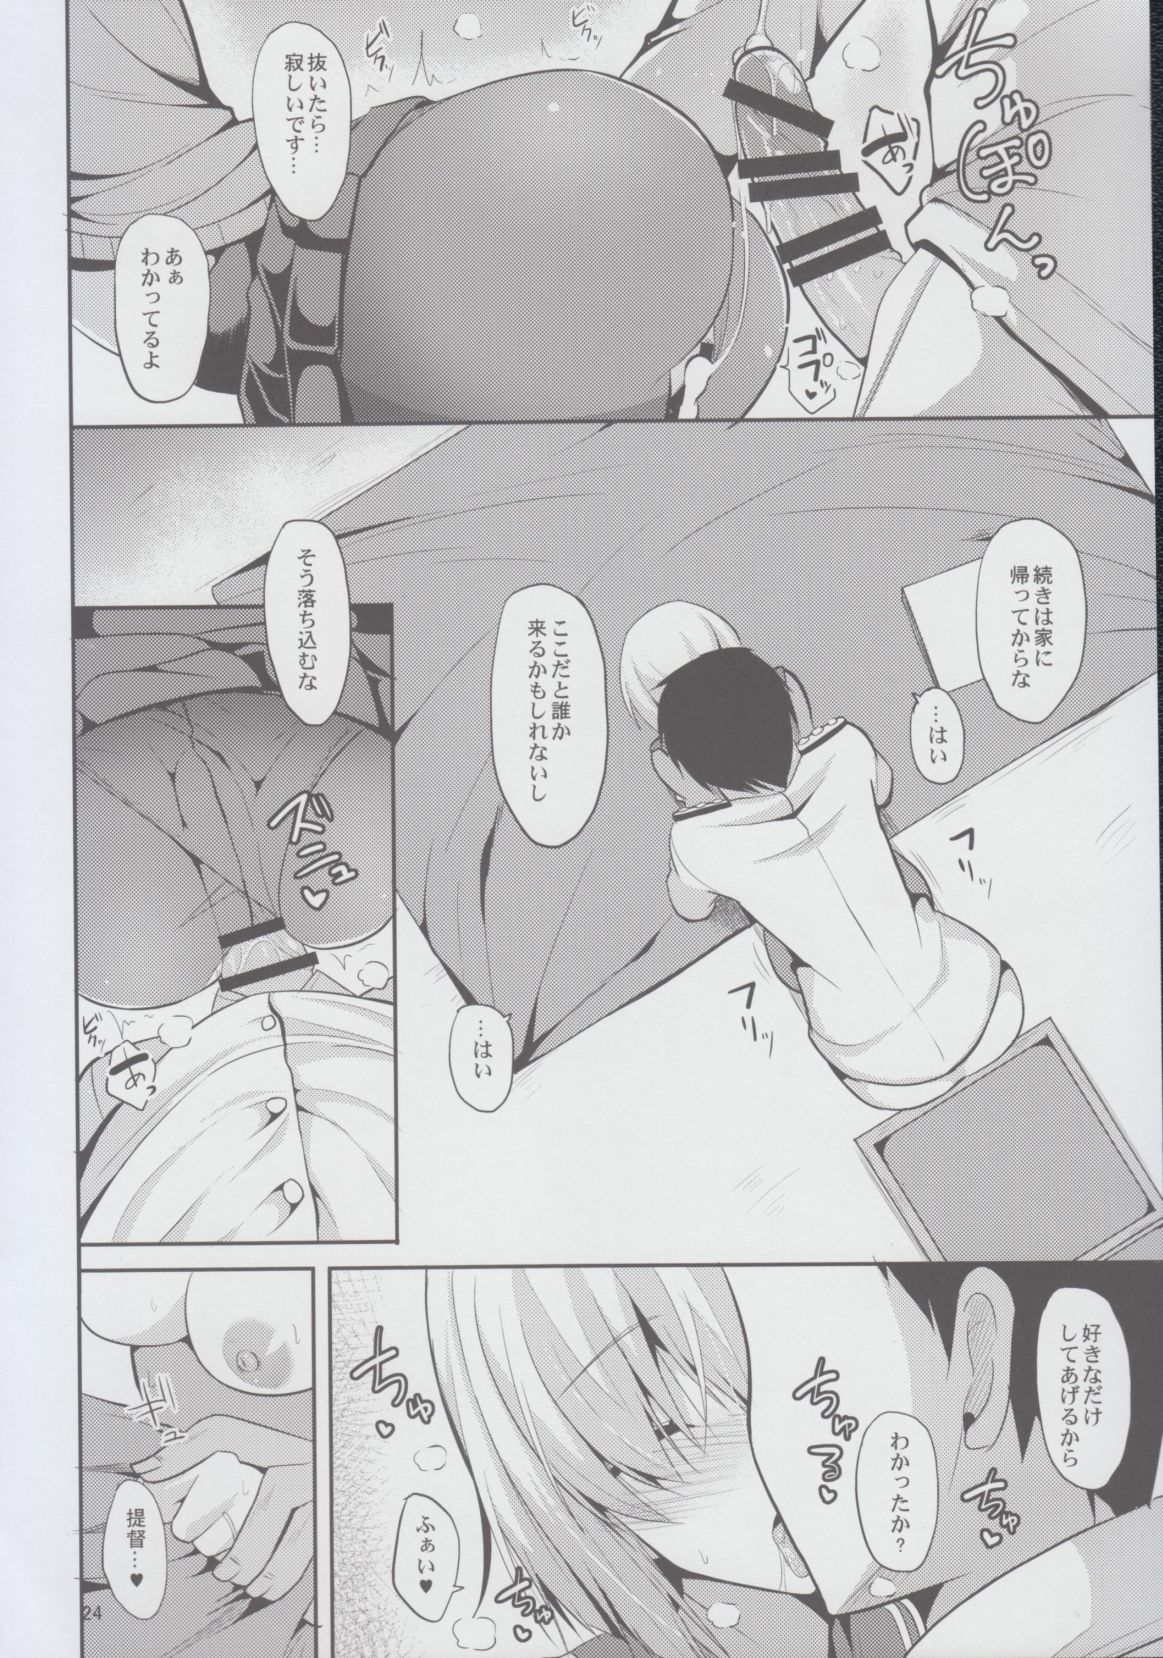 浜風とHな私生活 (艦隊これくしょん -艦これ-) (24)